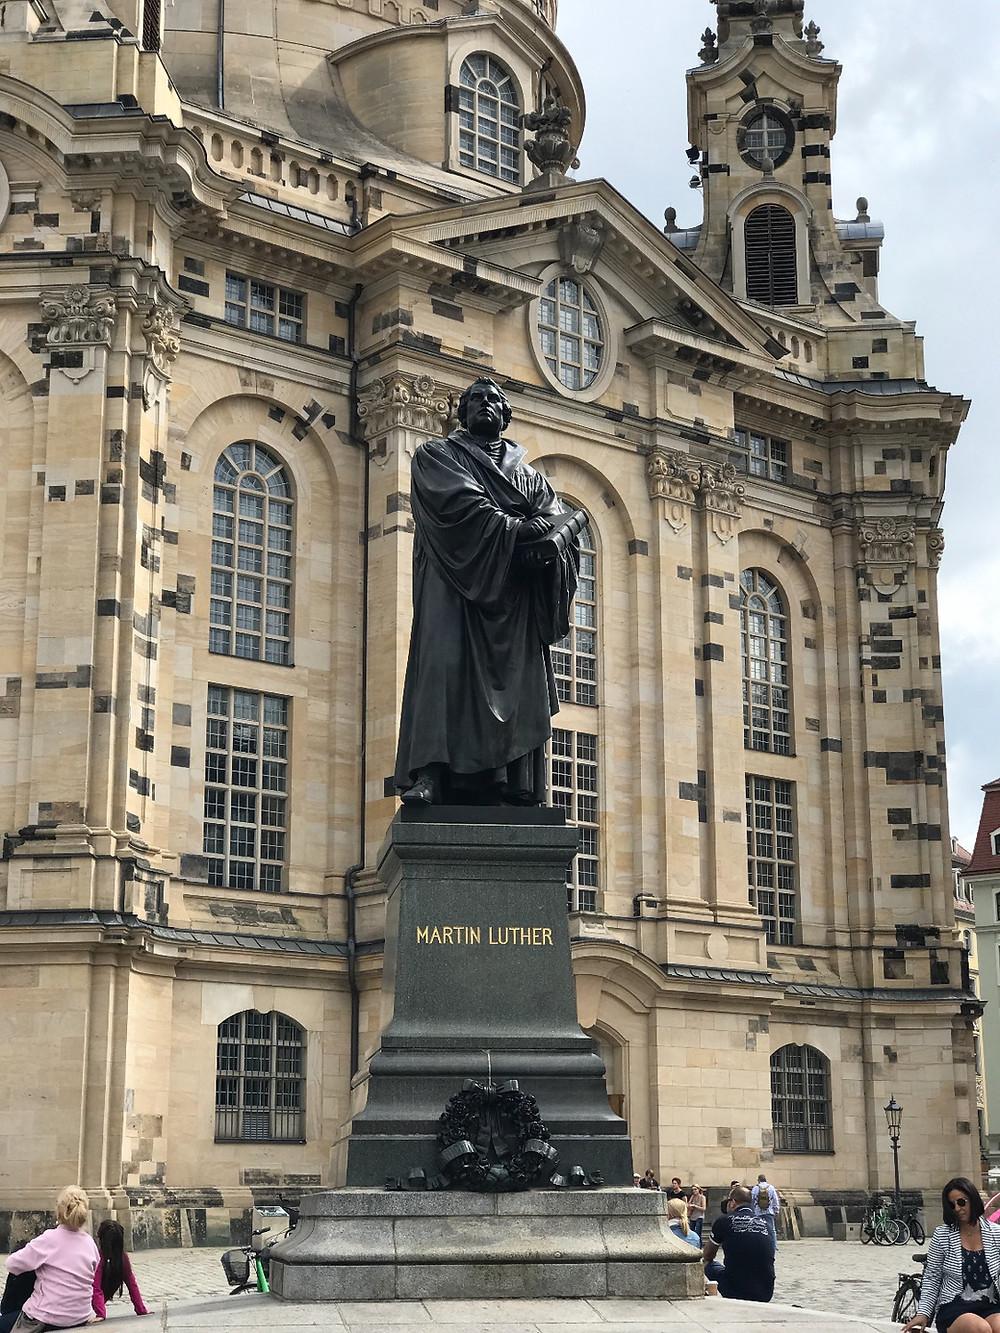 statue av Martin Luther framfor Frauenkirche i Dresden